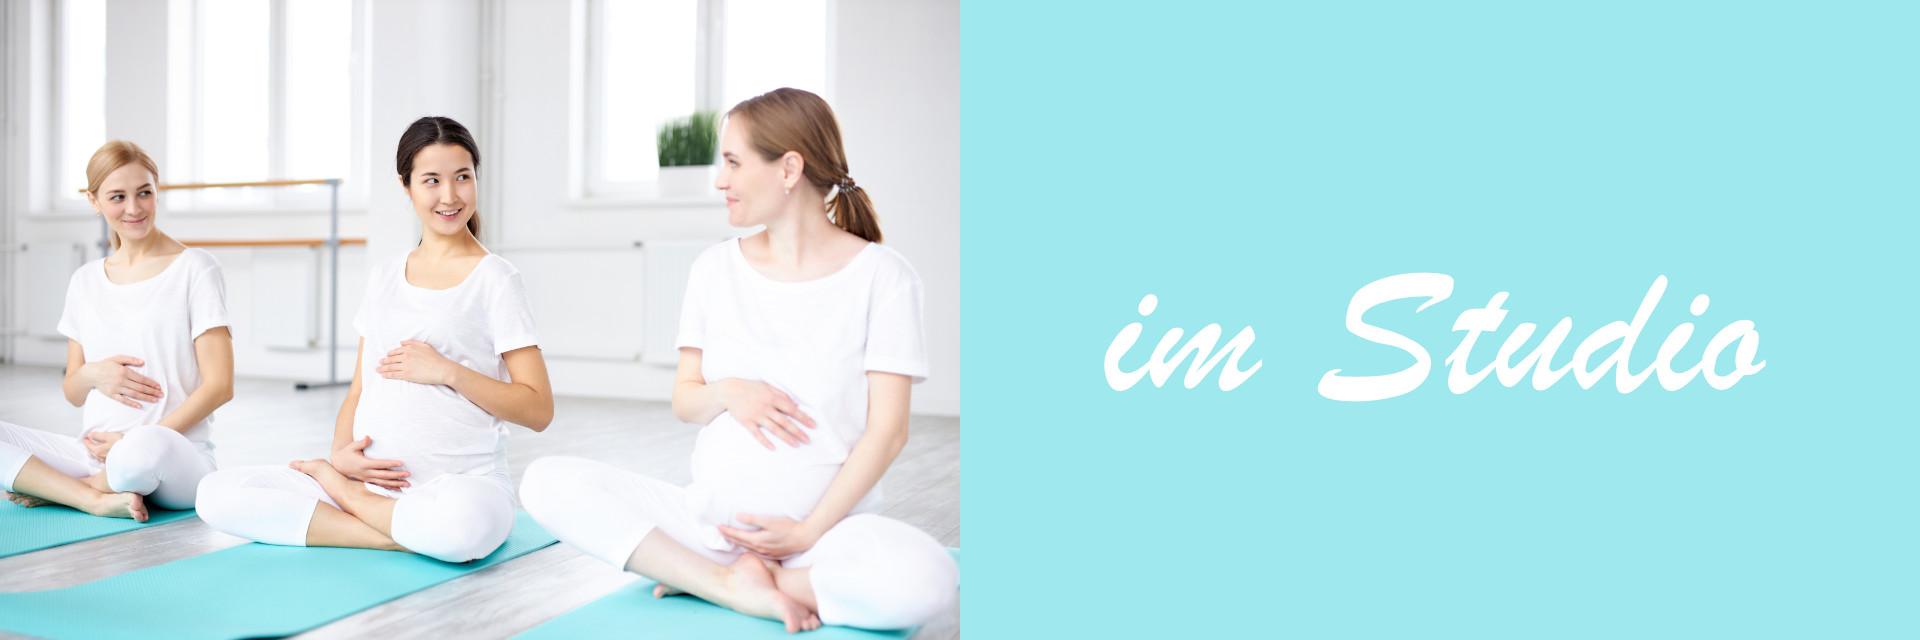 Geburtsvorbereitung mit Yogaelementen